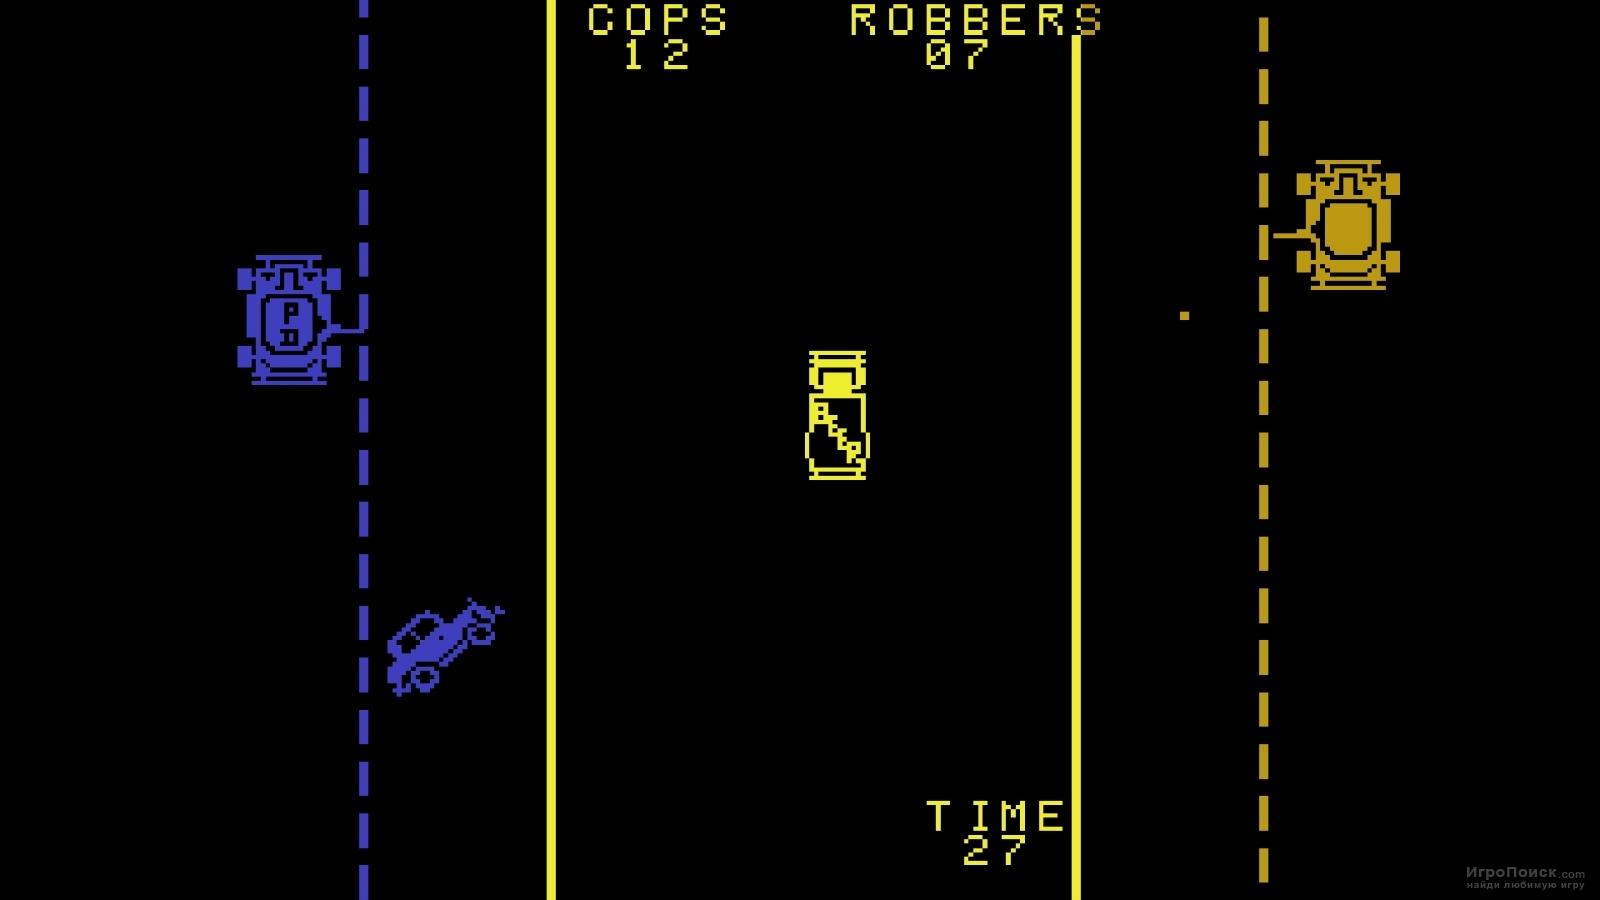 Скриншот к игре Cops 'n Robbers